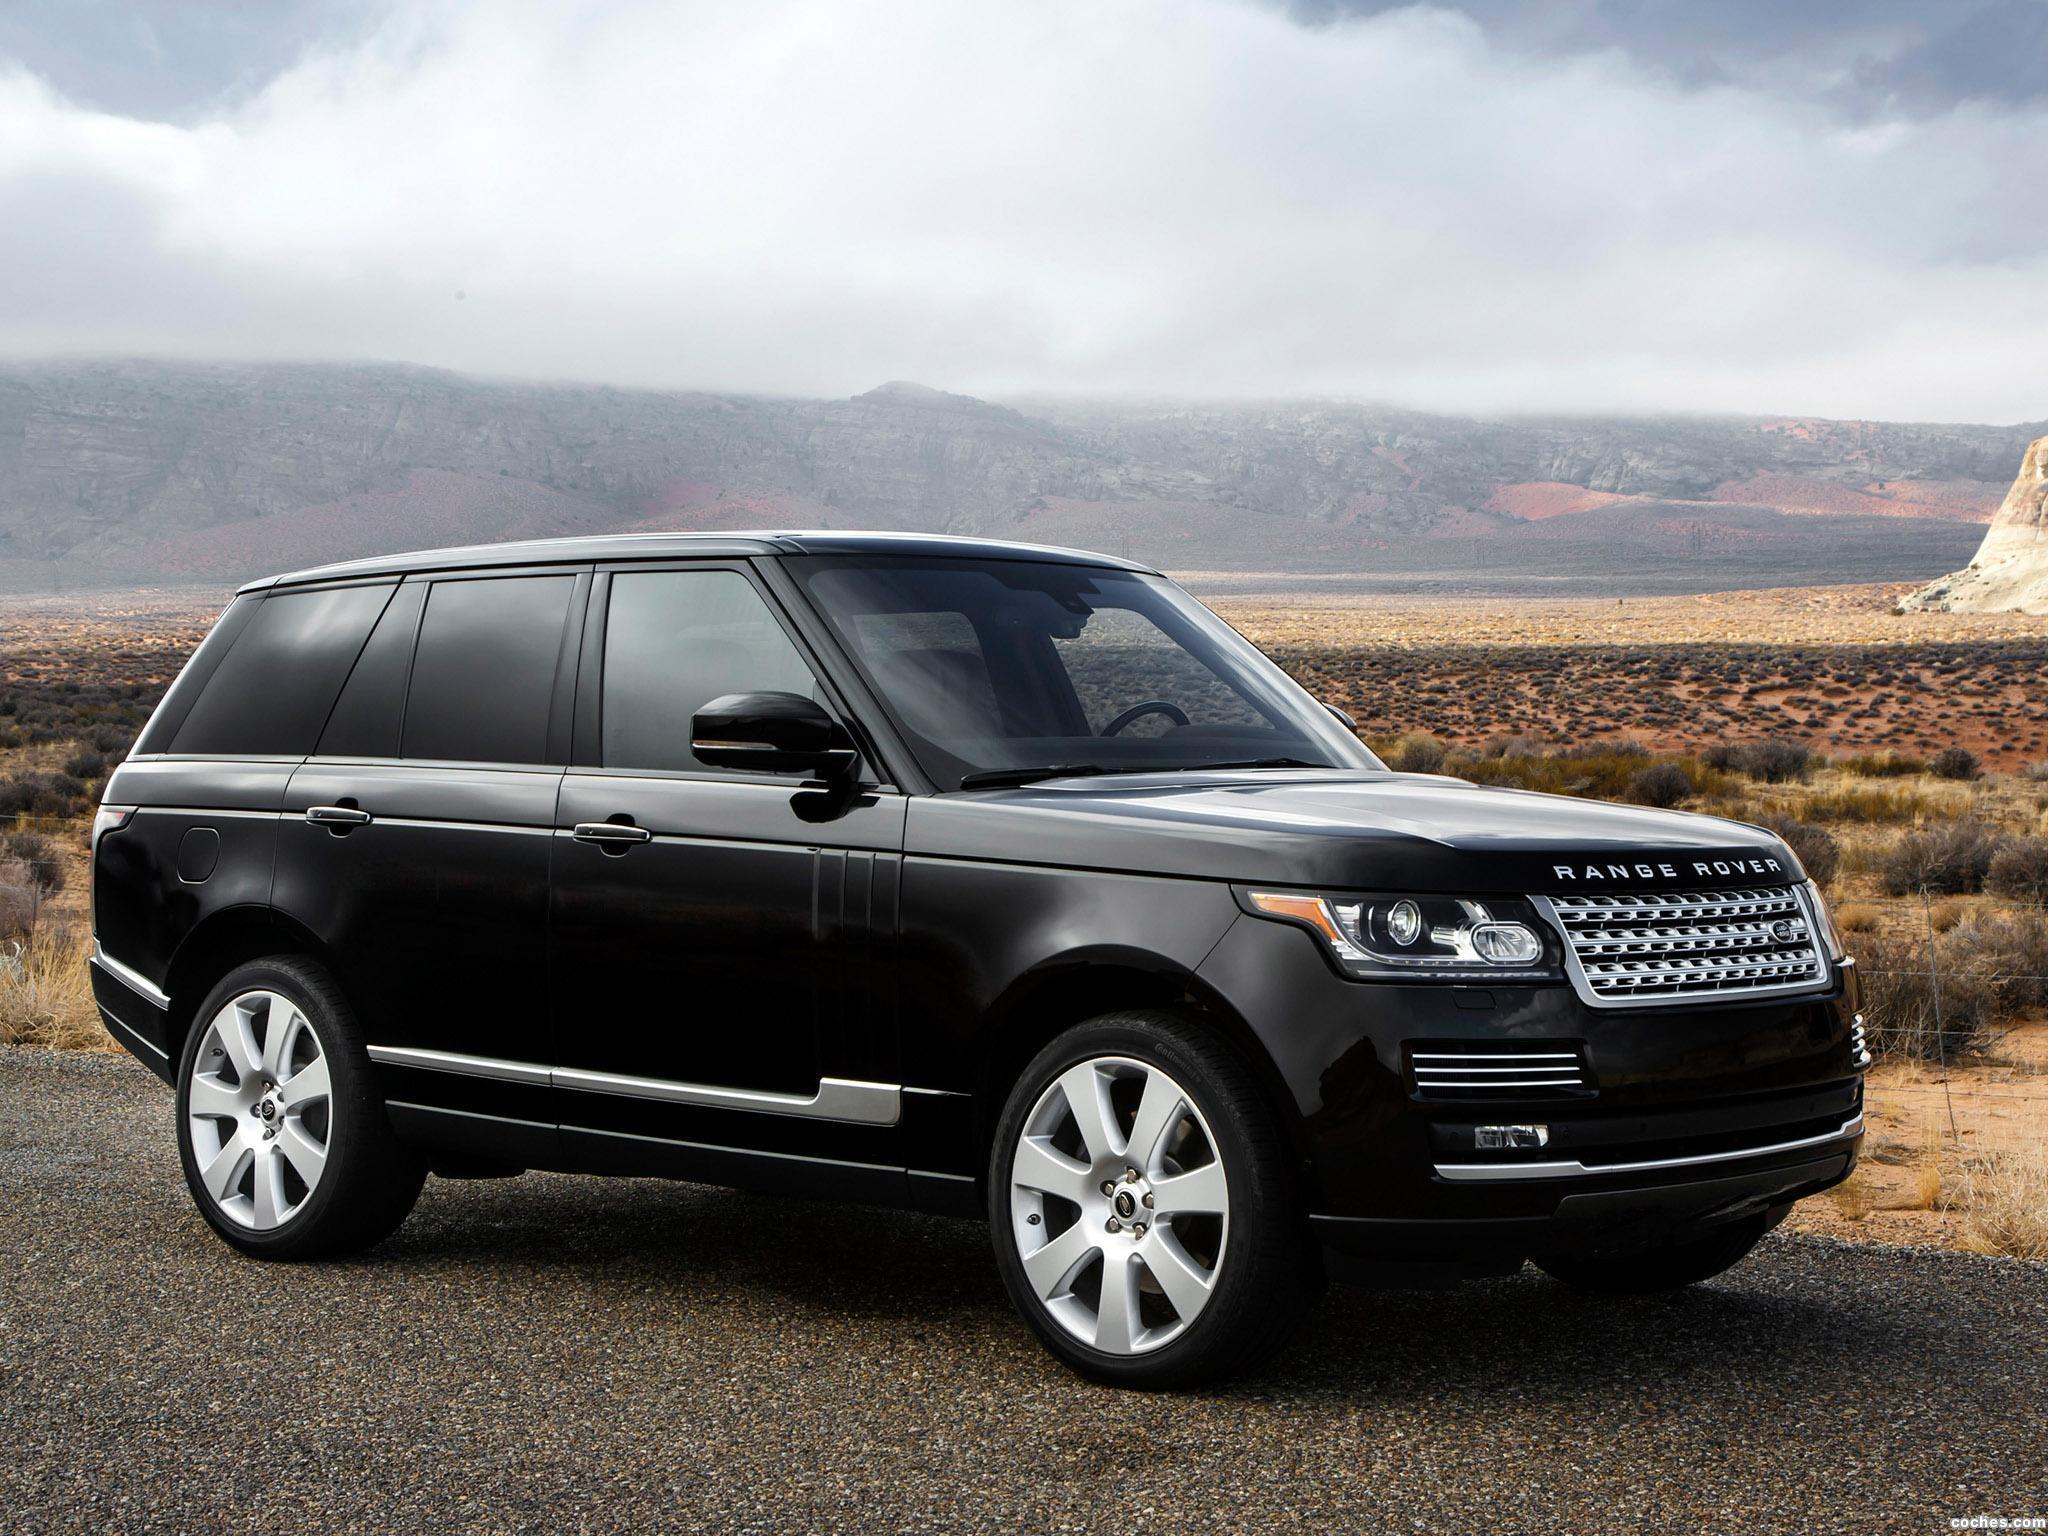 Foto 0 de Land Rover Range Rover Autobiography V8 USA 2013